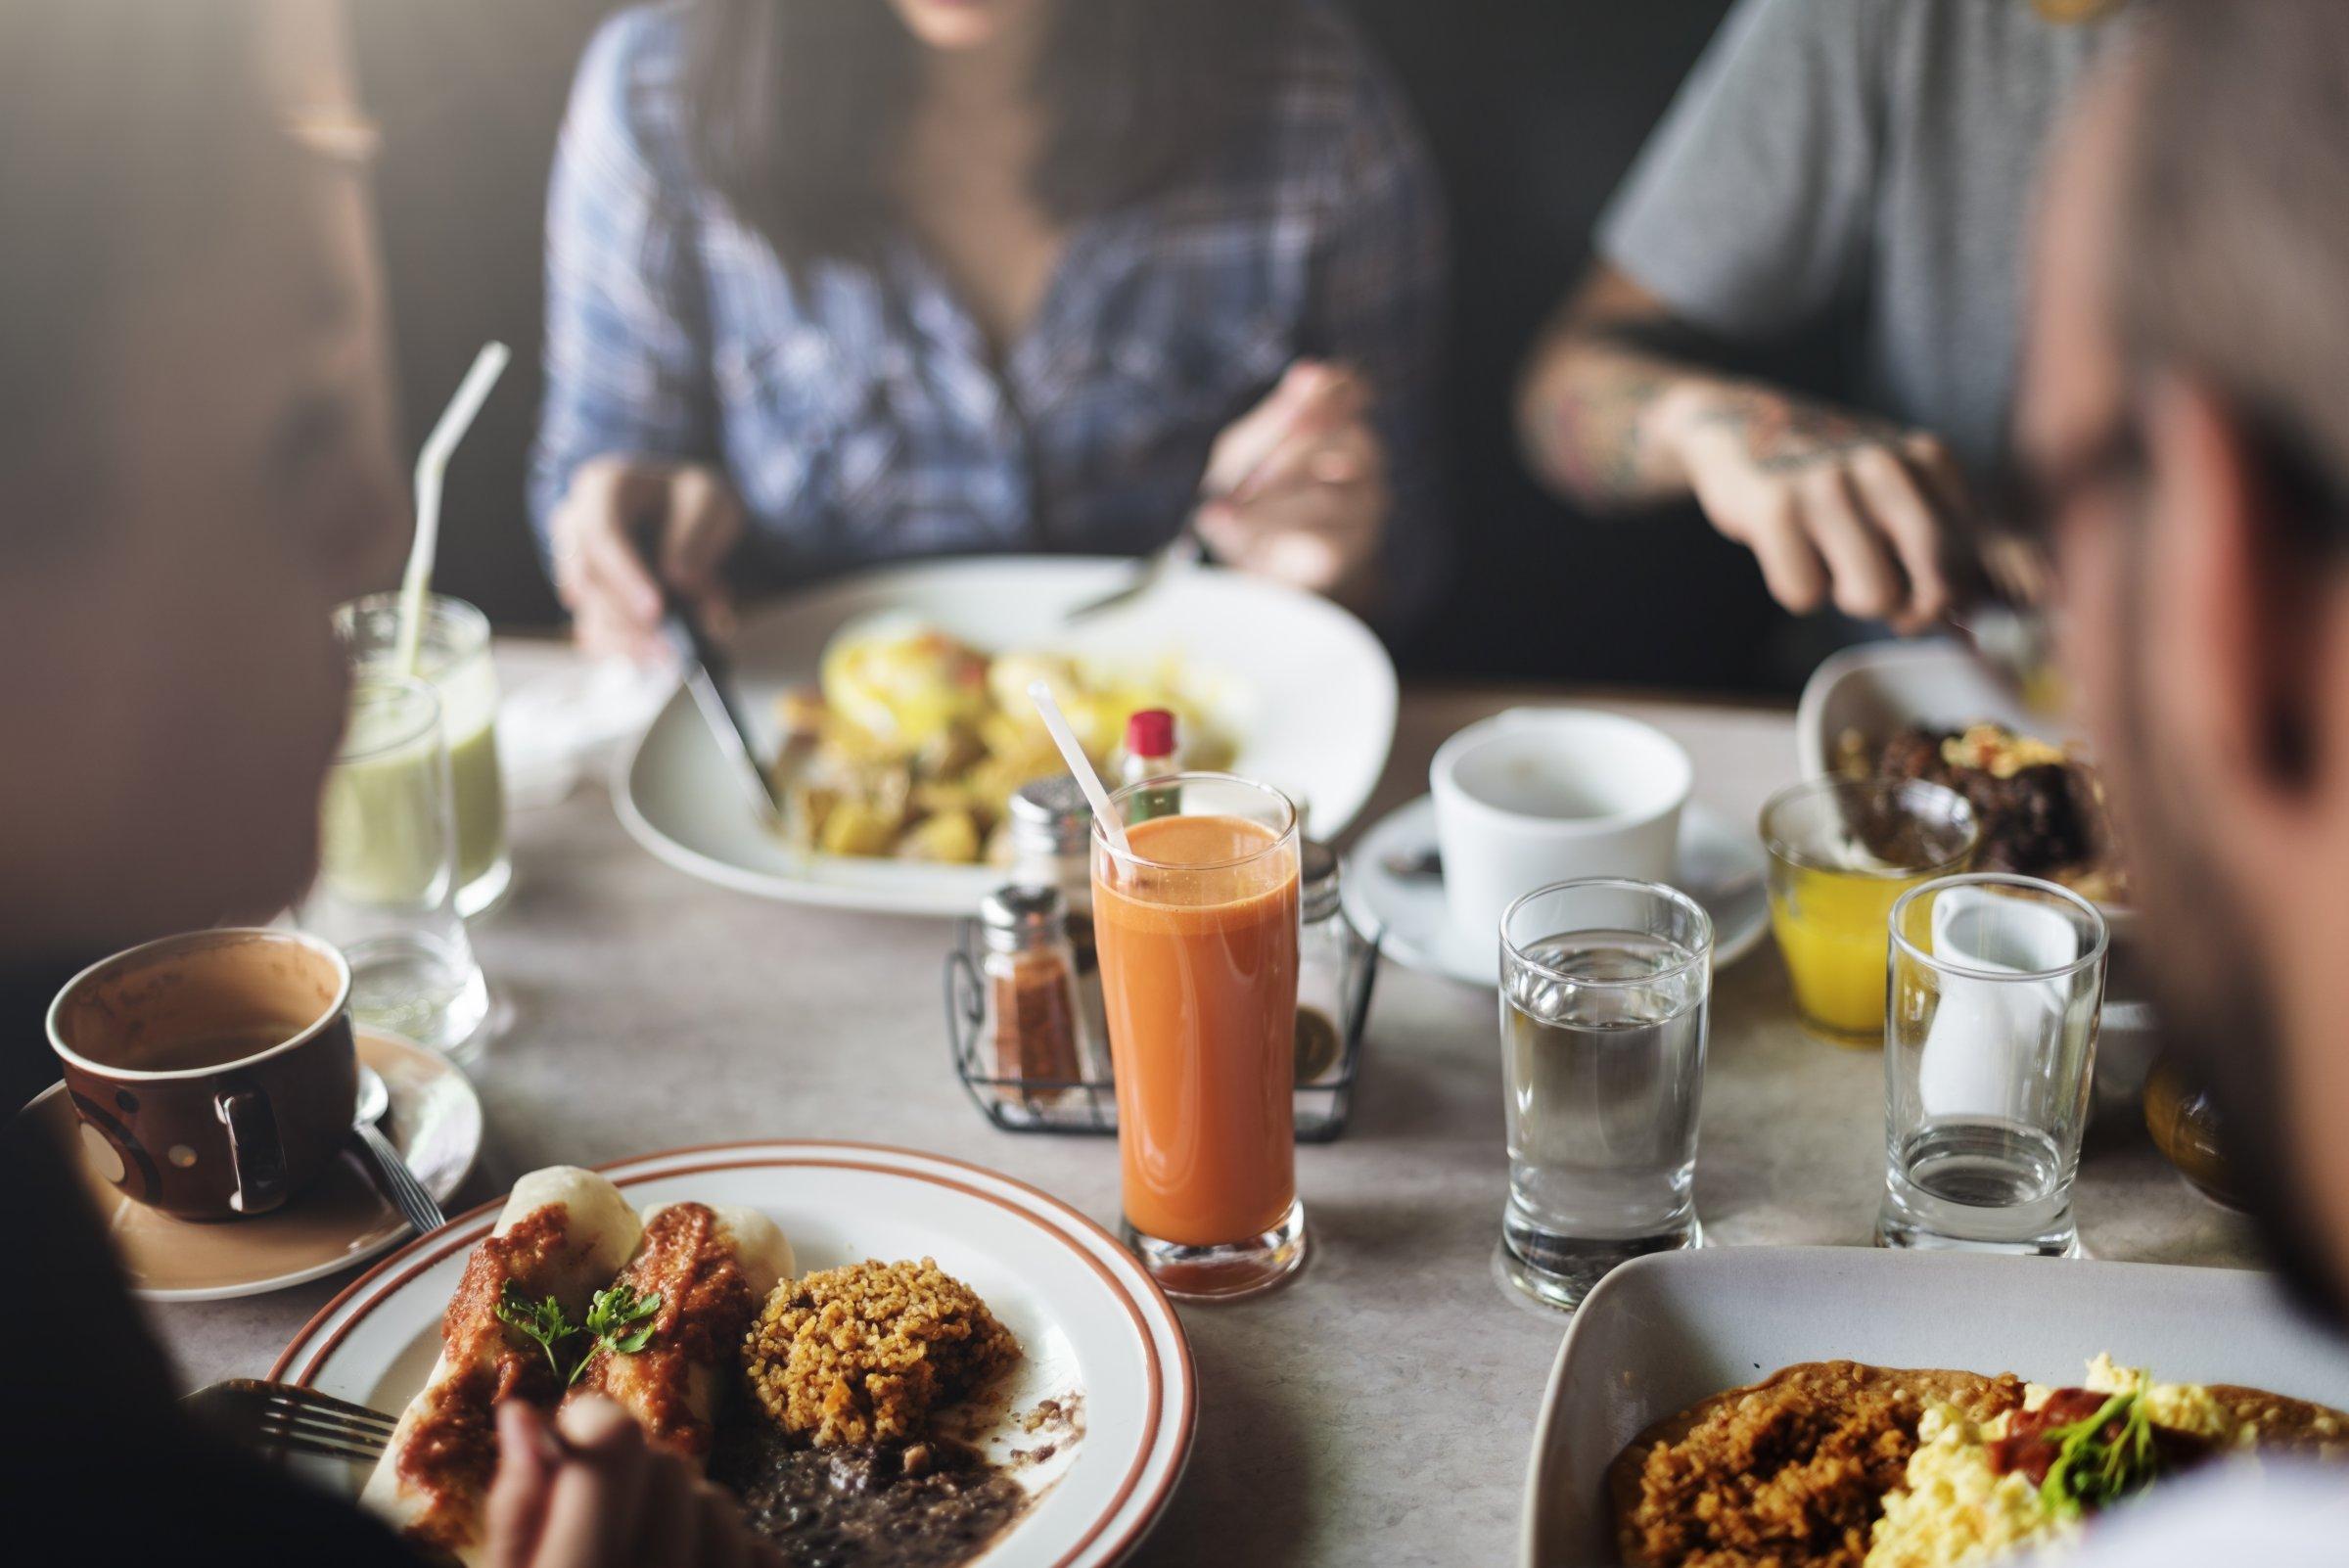 La importancia de una buena nutrición - Featured Image